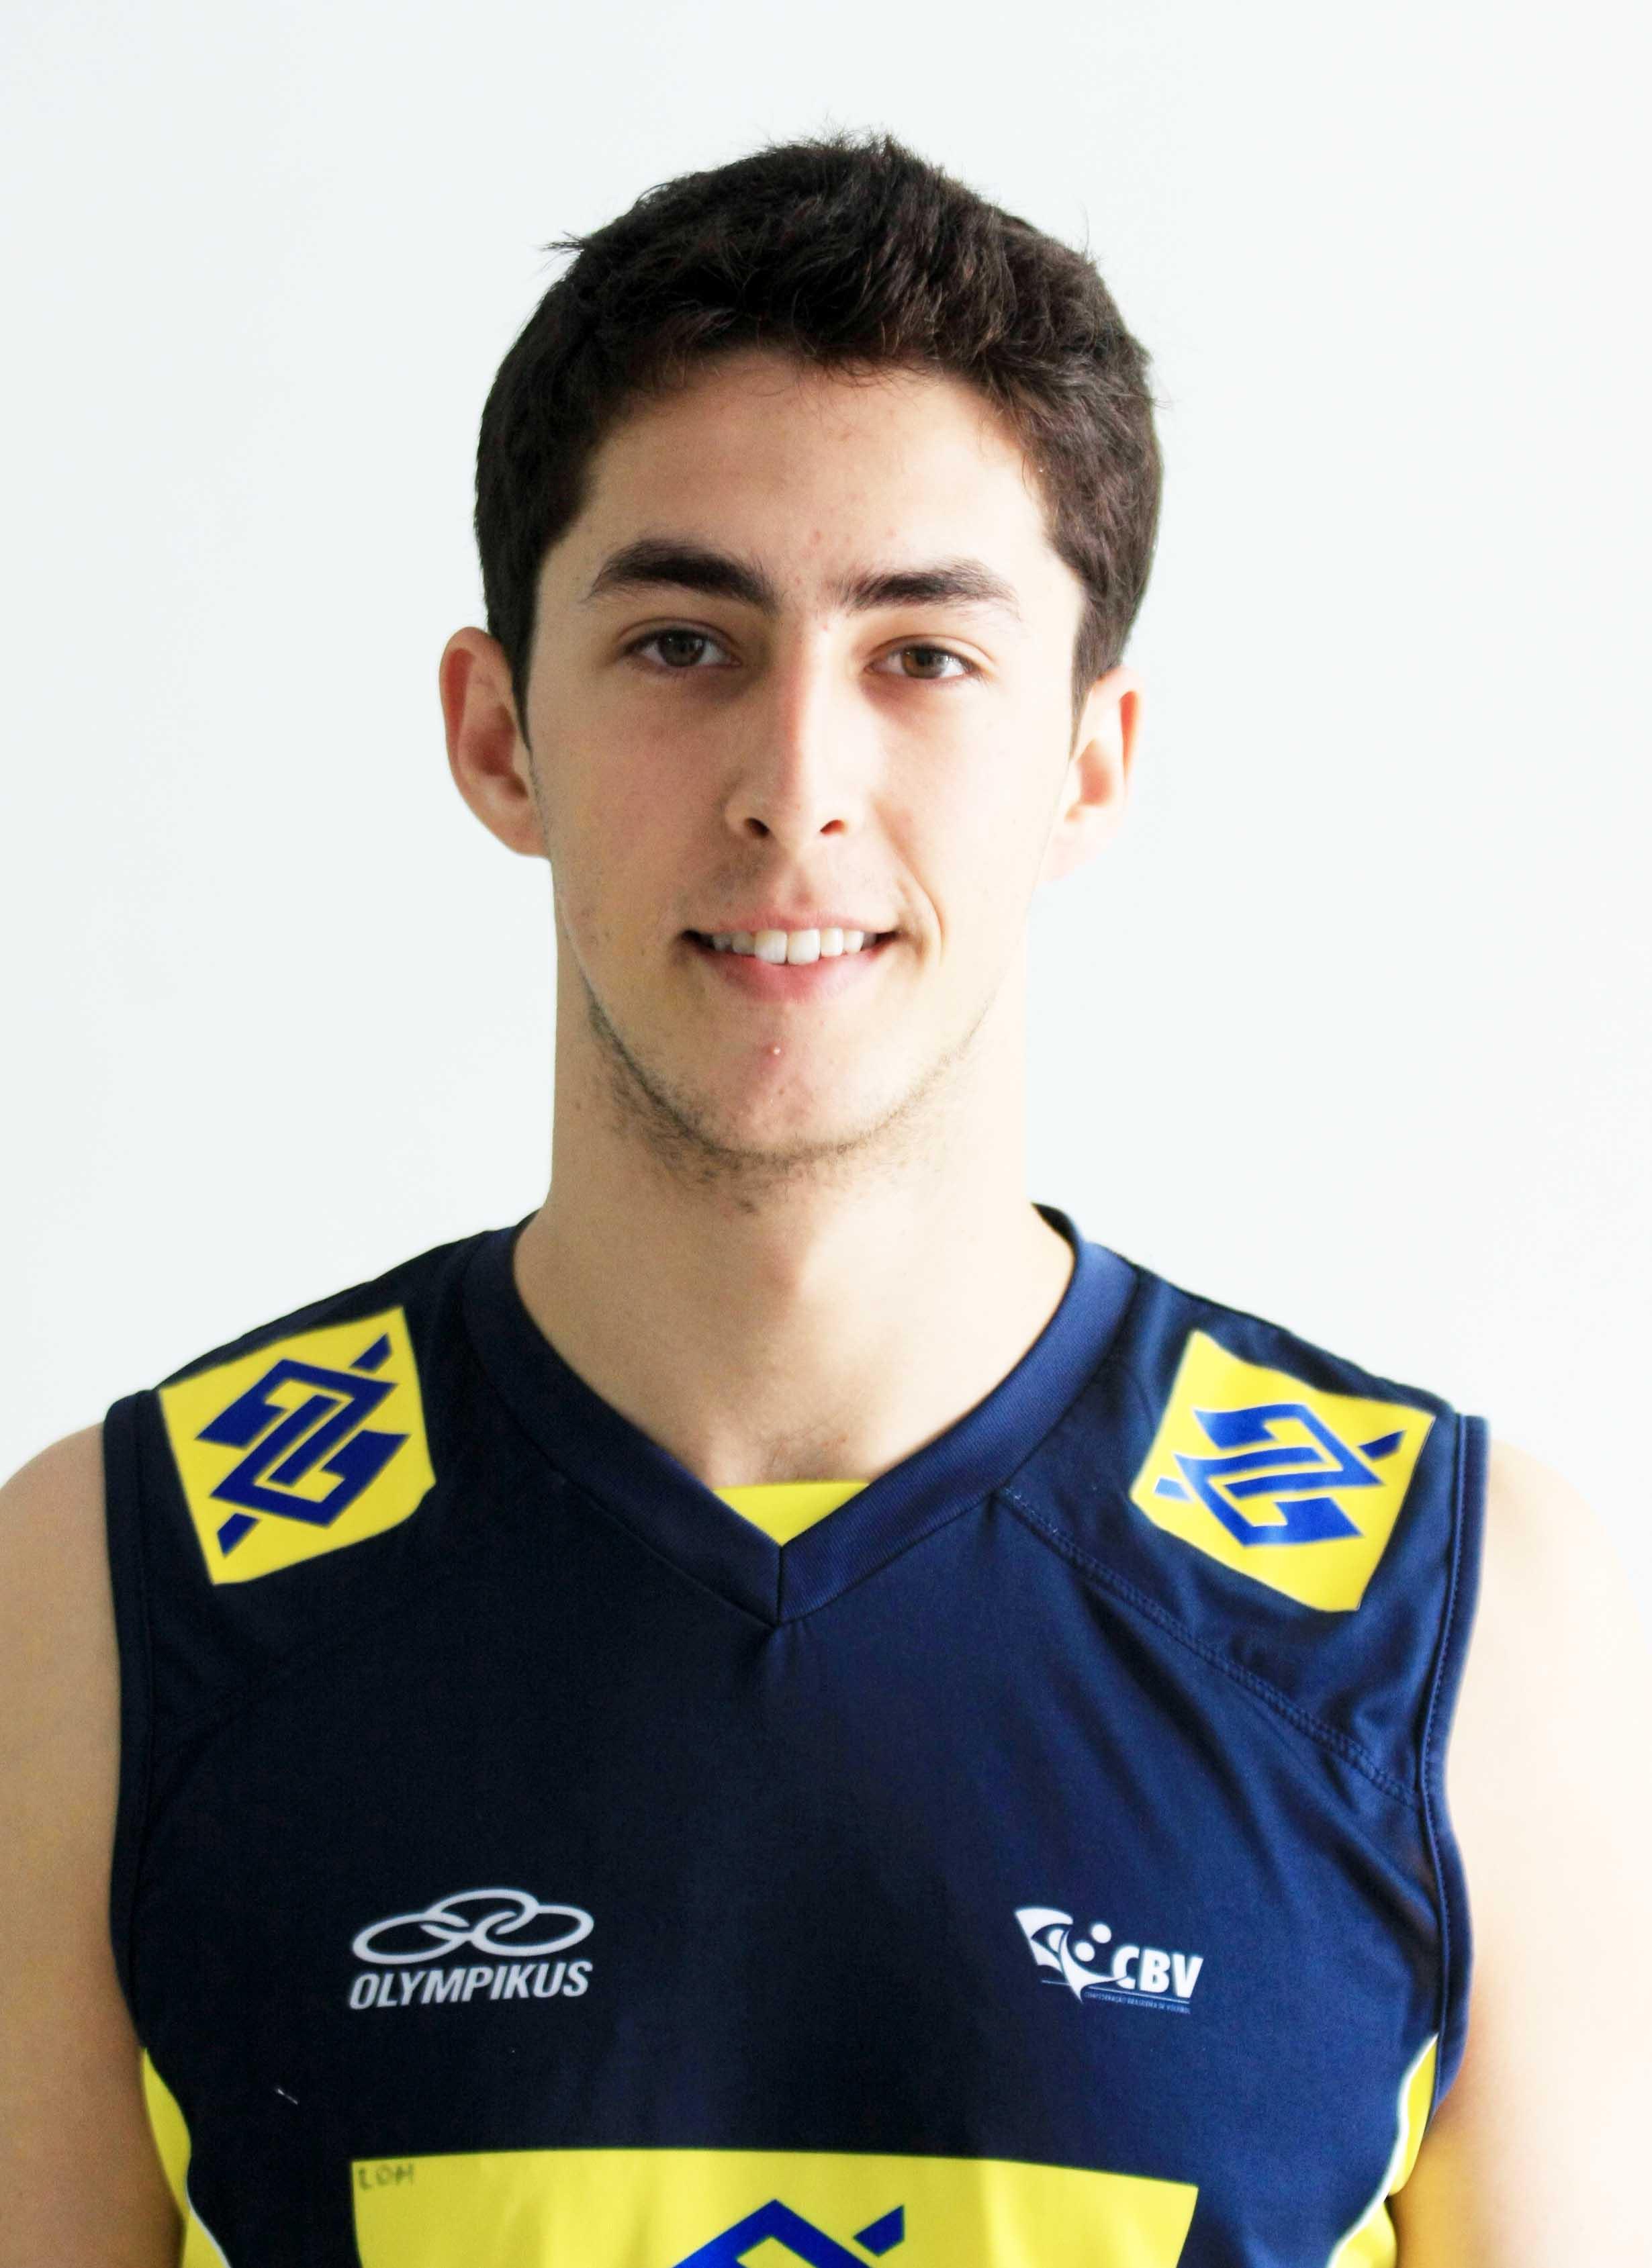 Lucas Eduardo Loh